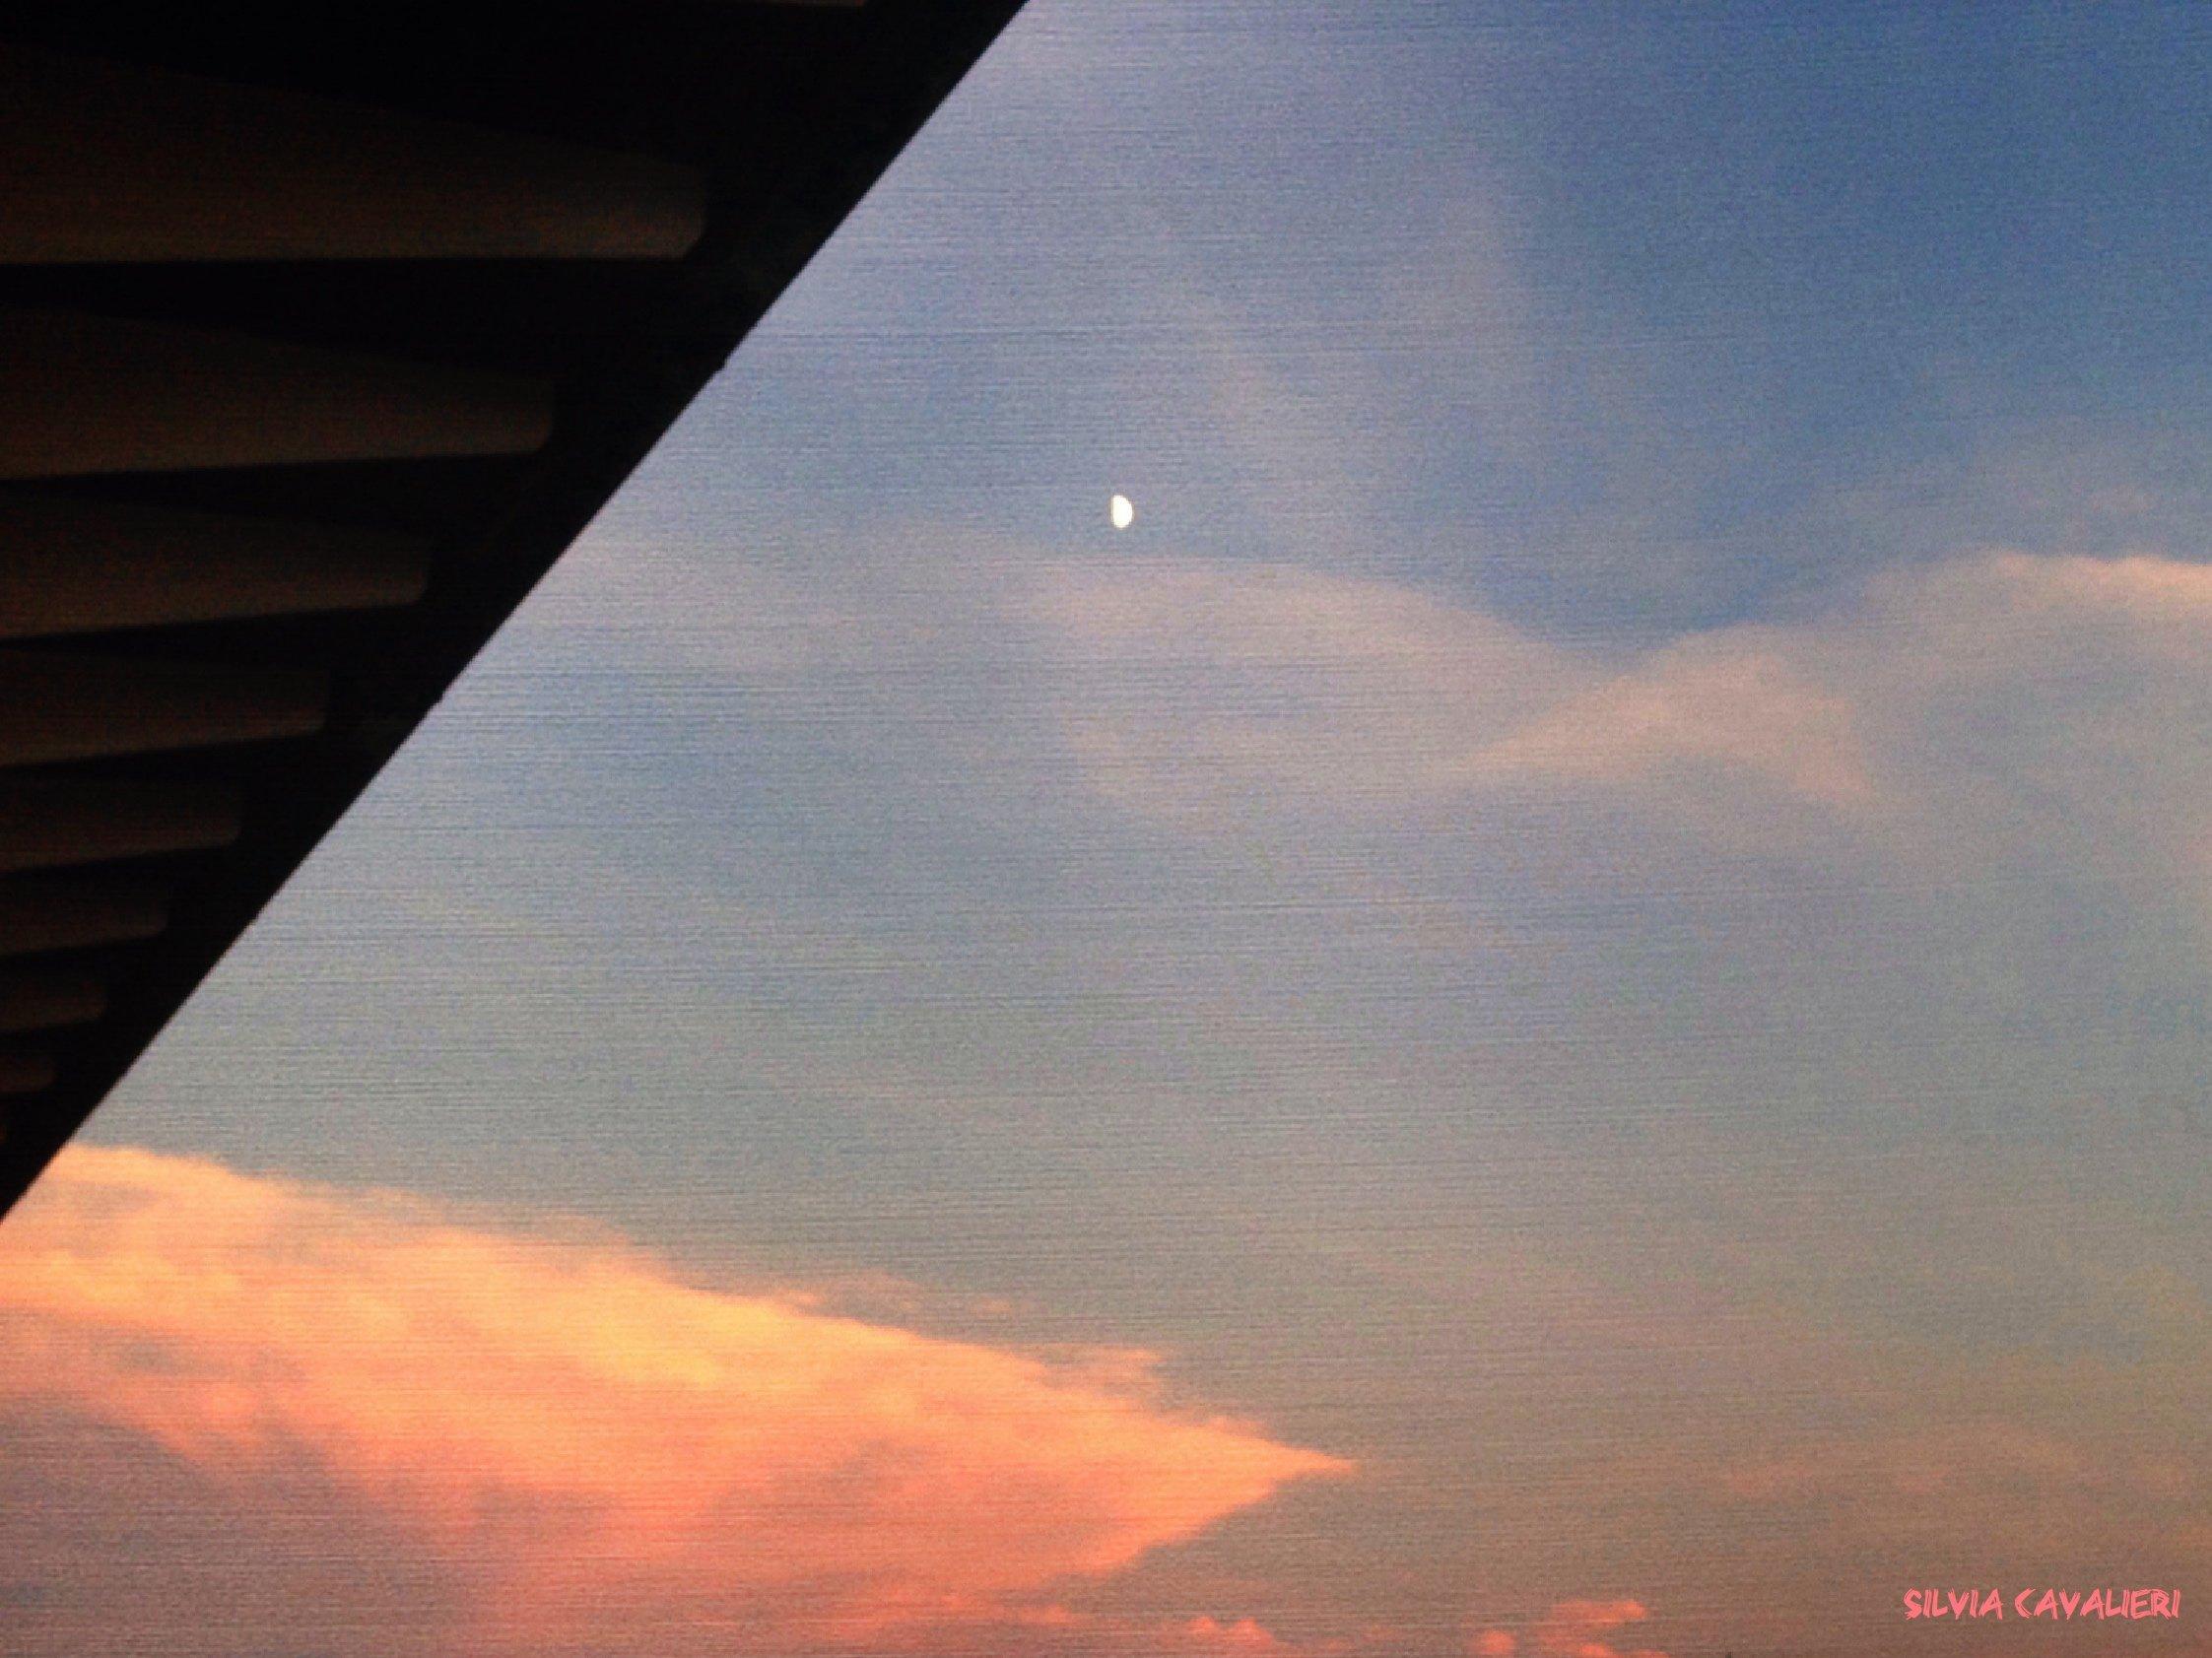 Tappeto di nuvole rosa con luna.jpg